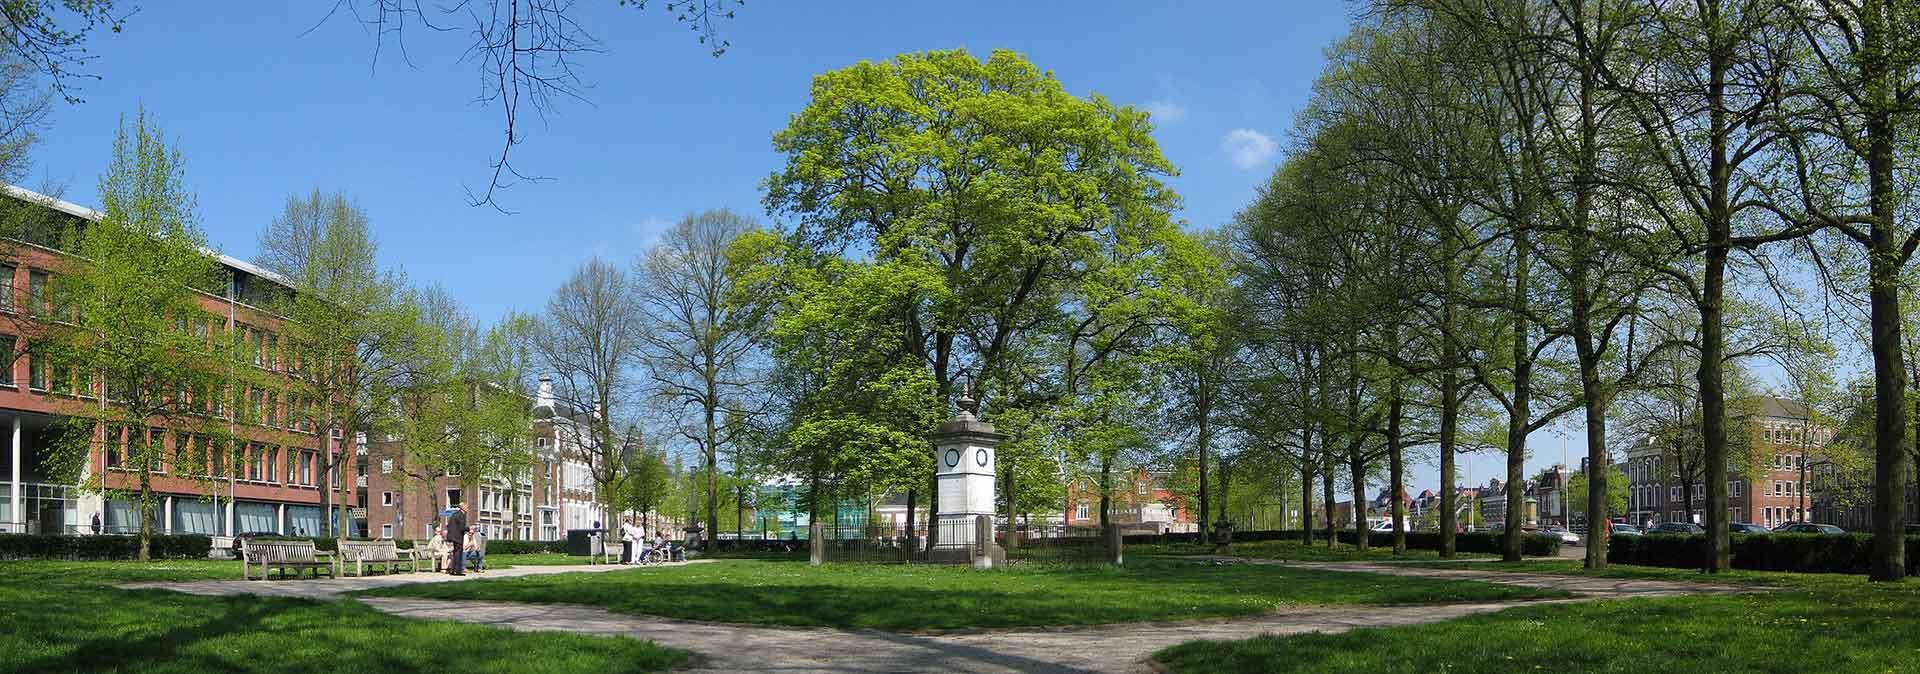 Rechtbank Noord-Nederland - Weening Strafrechtadvocaten